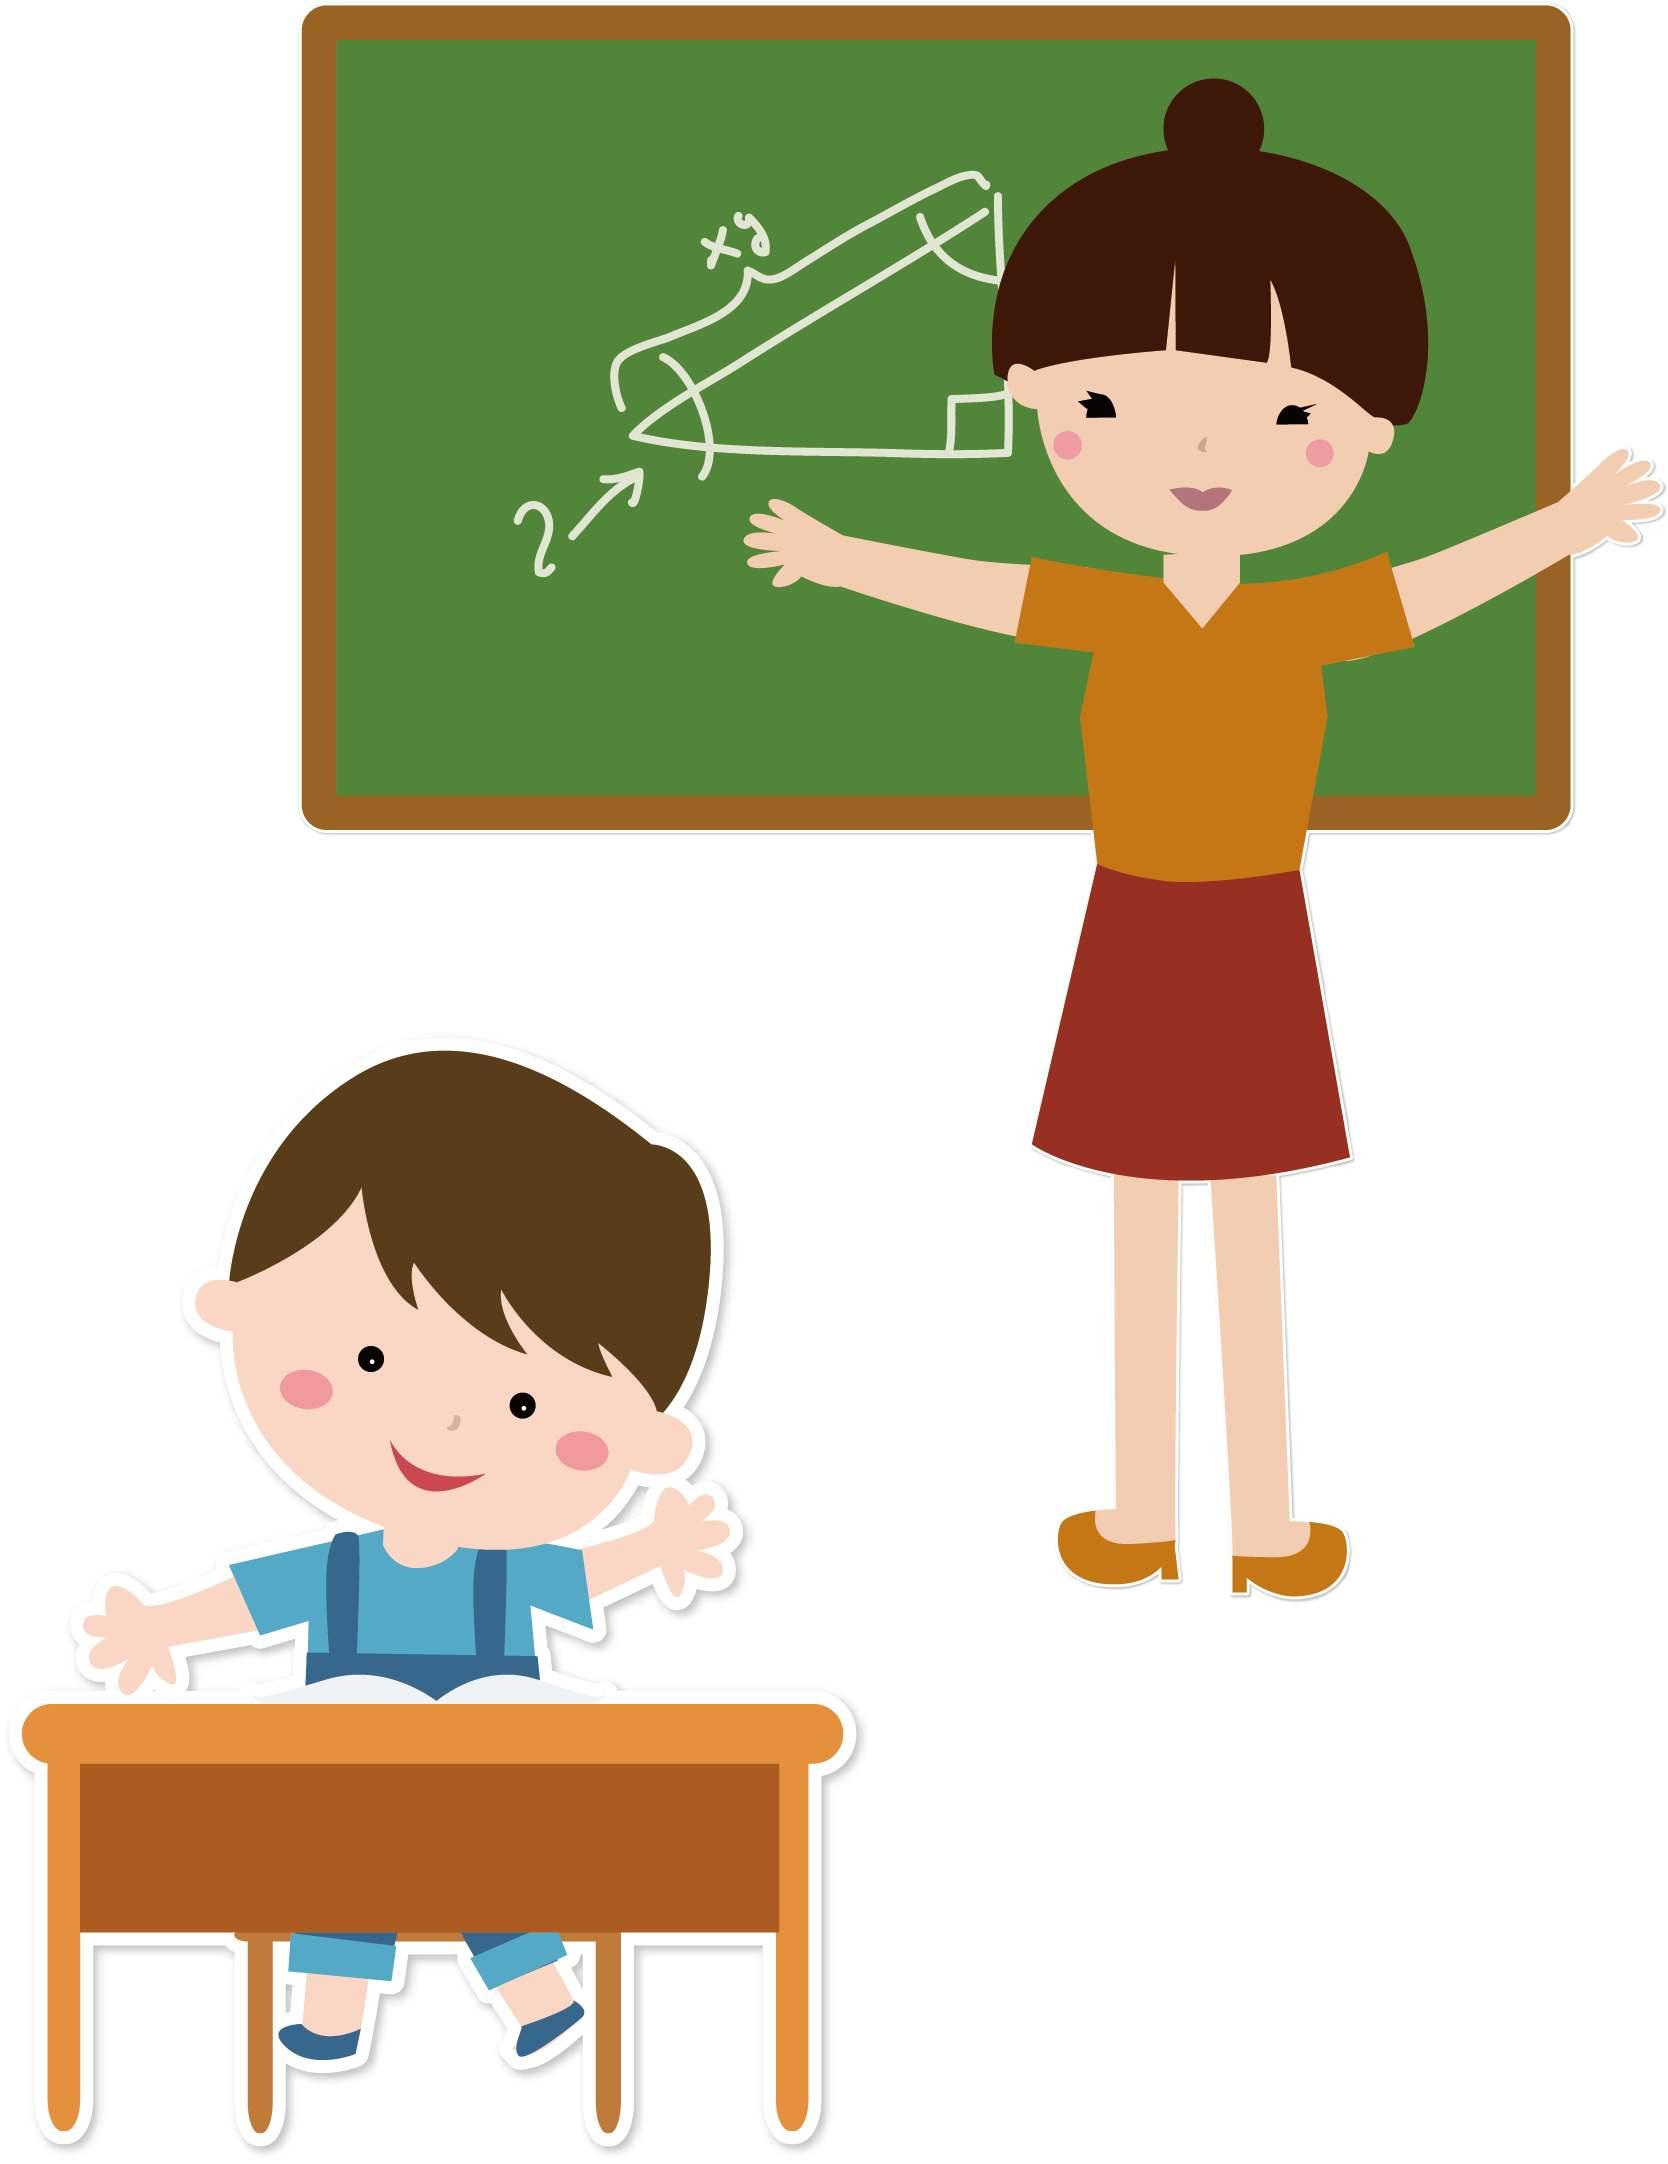 早教老师心得